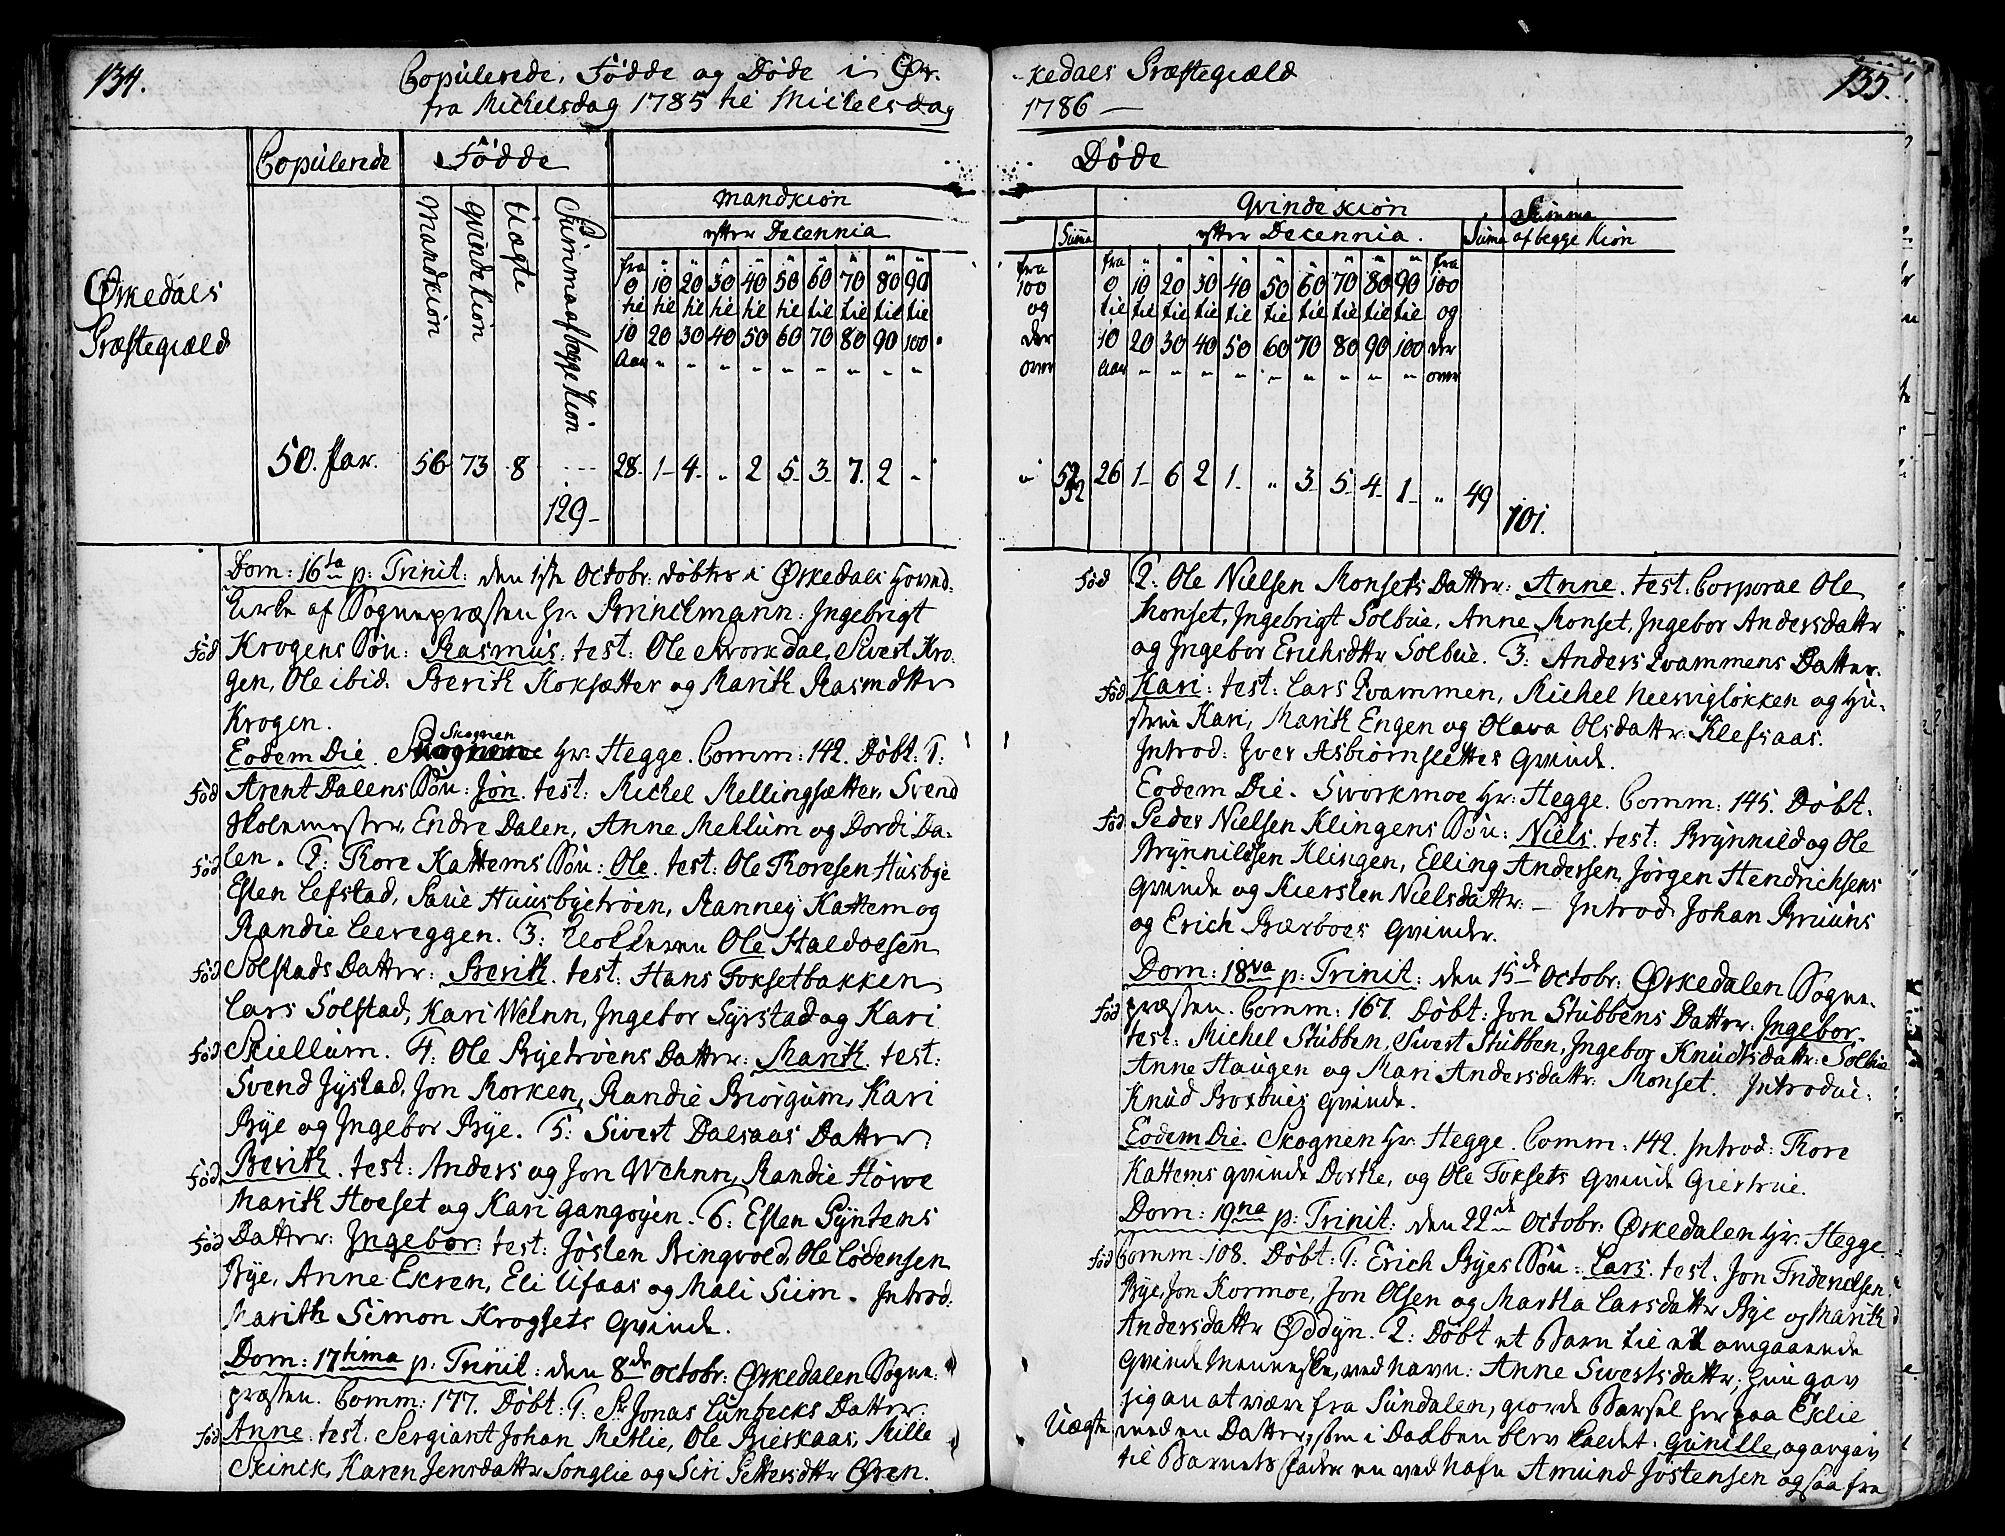 SAT, Ministerialprotokoller, klokkerbøker og fødselsregistre - Sør-Trøndelag, 668/L0802: Ministerialbok nr. 668A02, 1776-1799, s. 134-135